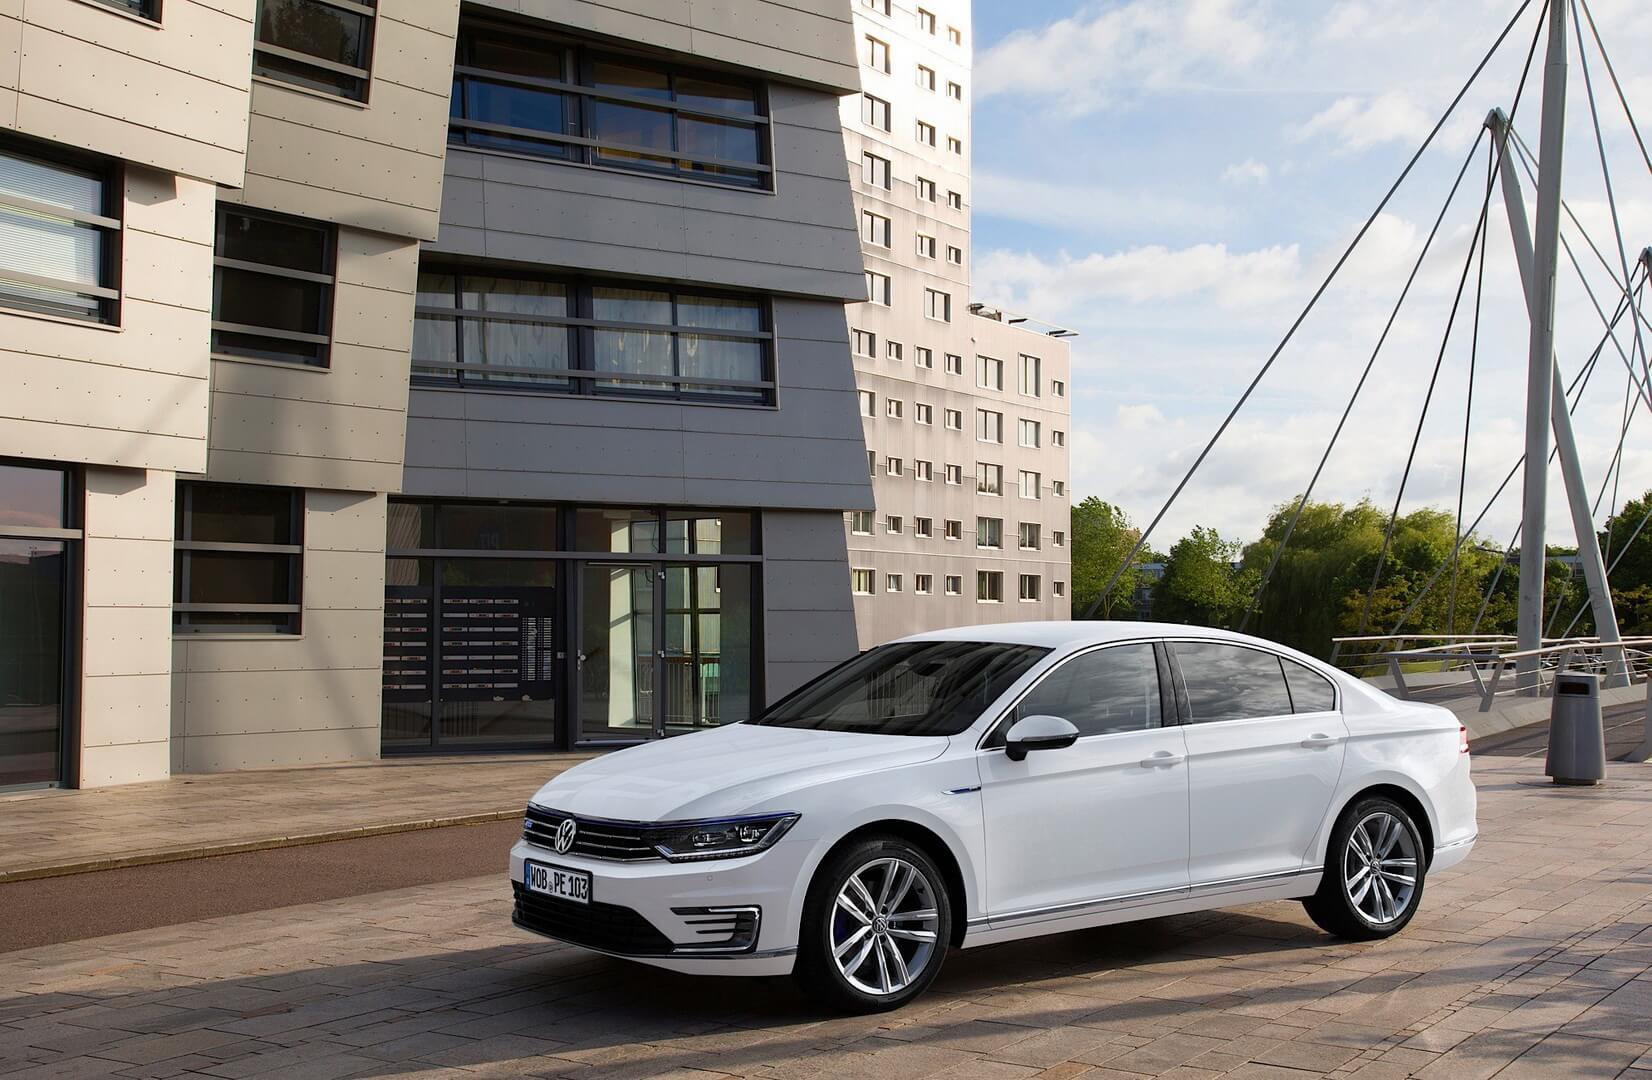 Фотография экоавто Volkswagen Passat GTE - фото 6